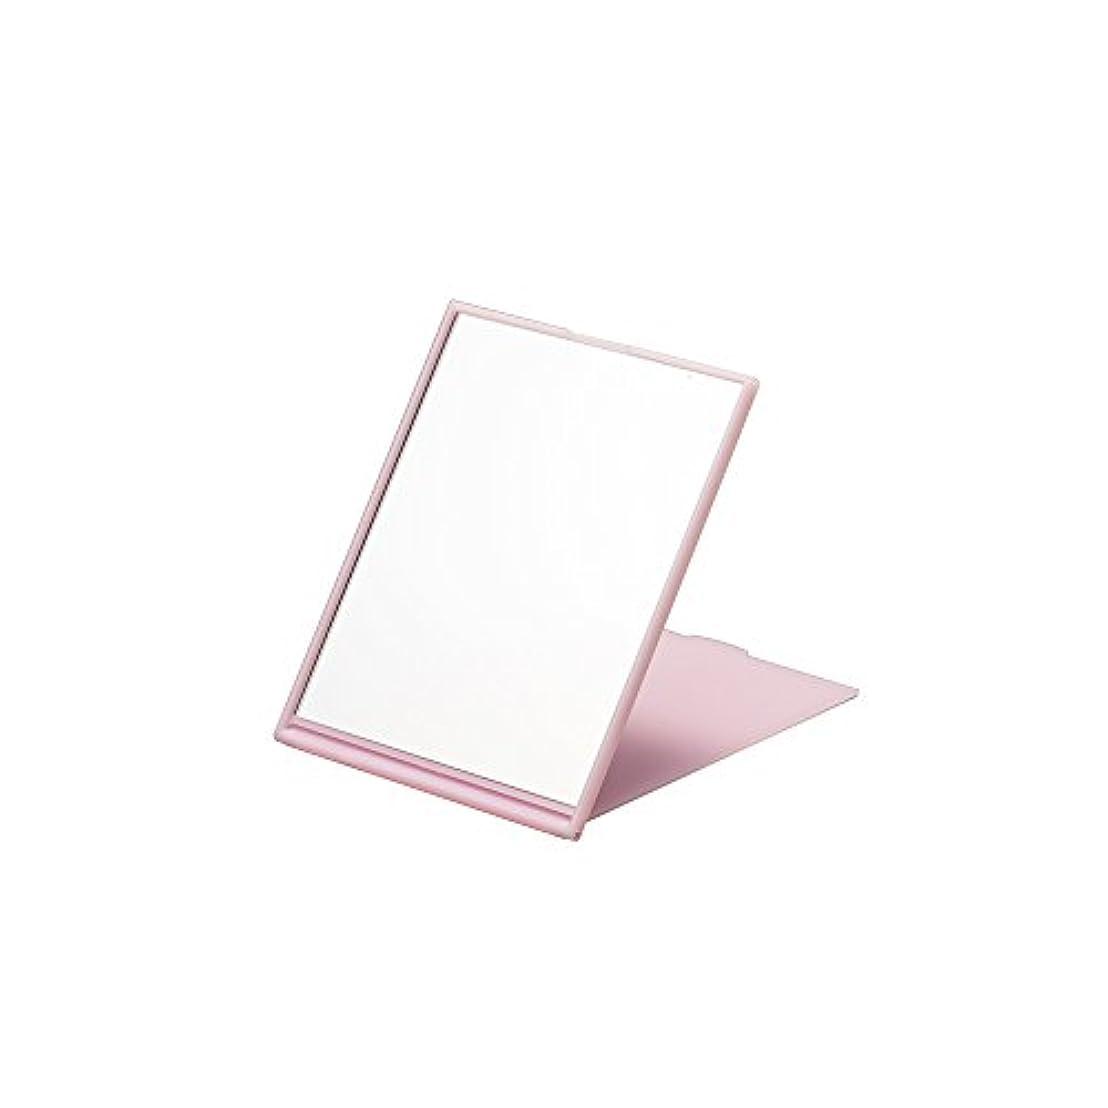 豊富な銀ネーピアナピュアミラー スリム&ライトコンパクトナピュアミラーM ピンク AM-006P